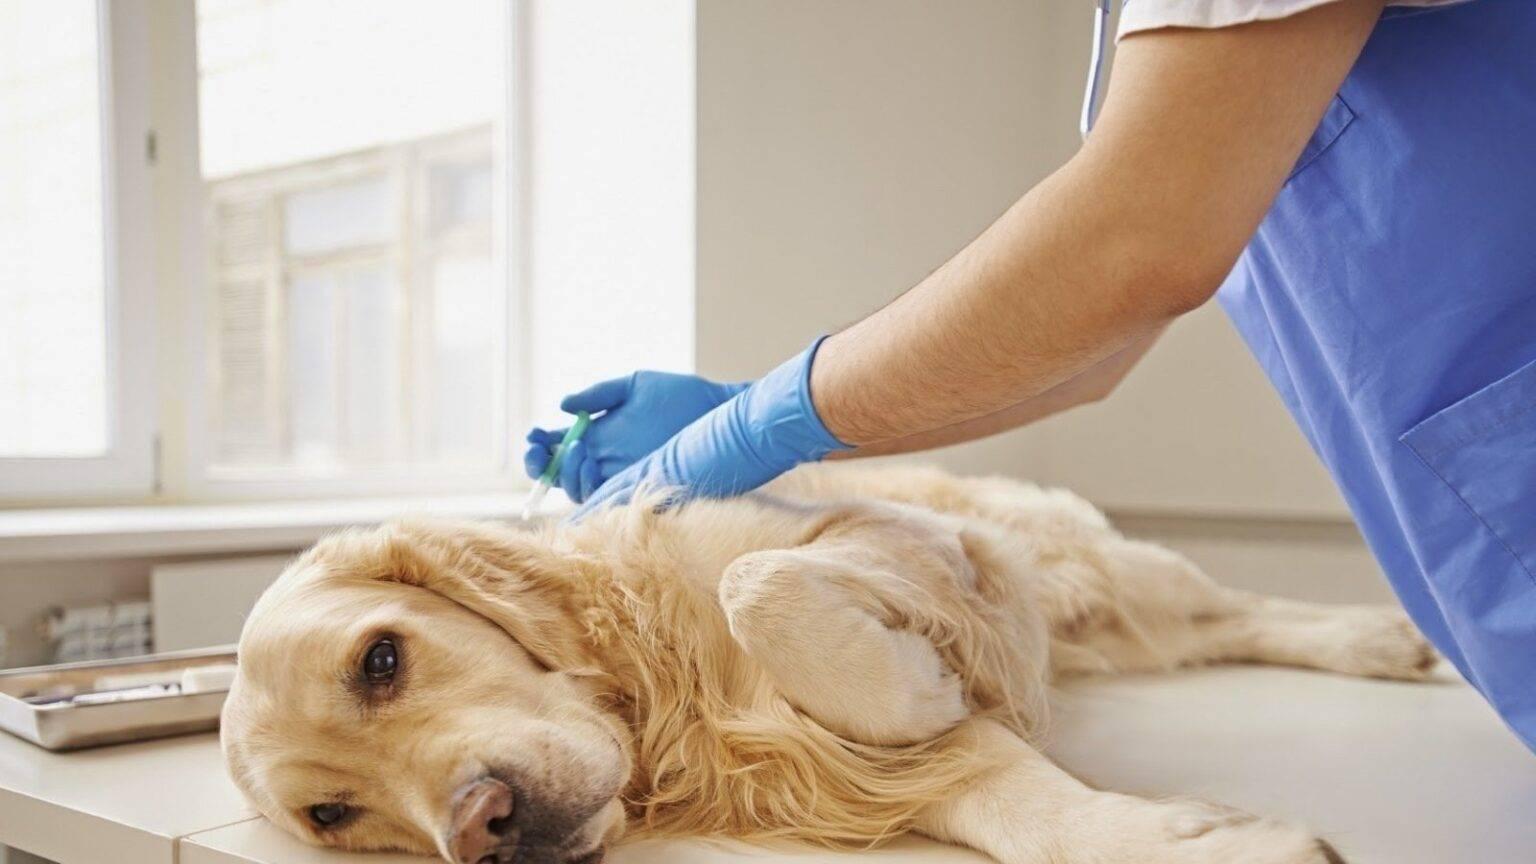 Усыпление животных на дому в спб | лицензировано | цены, недорого